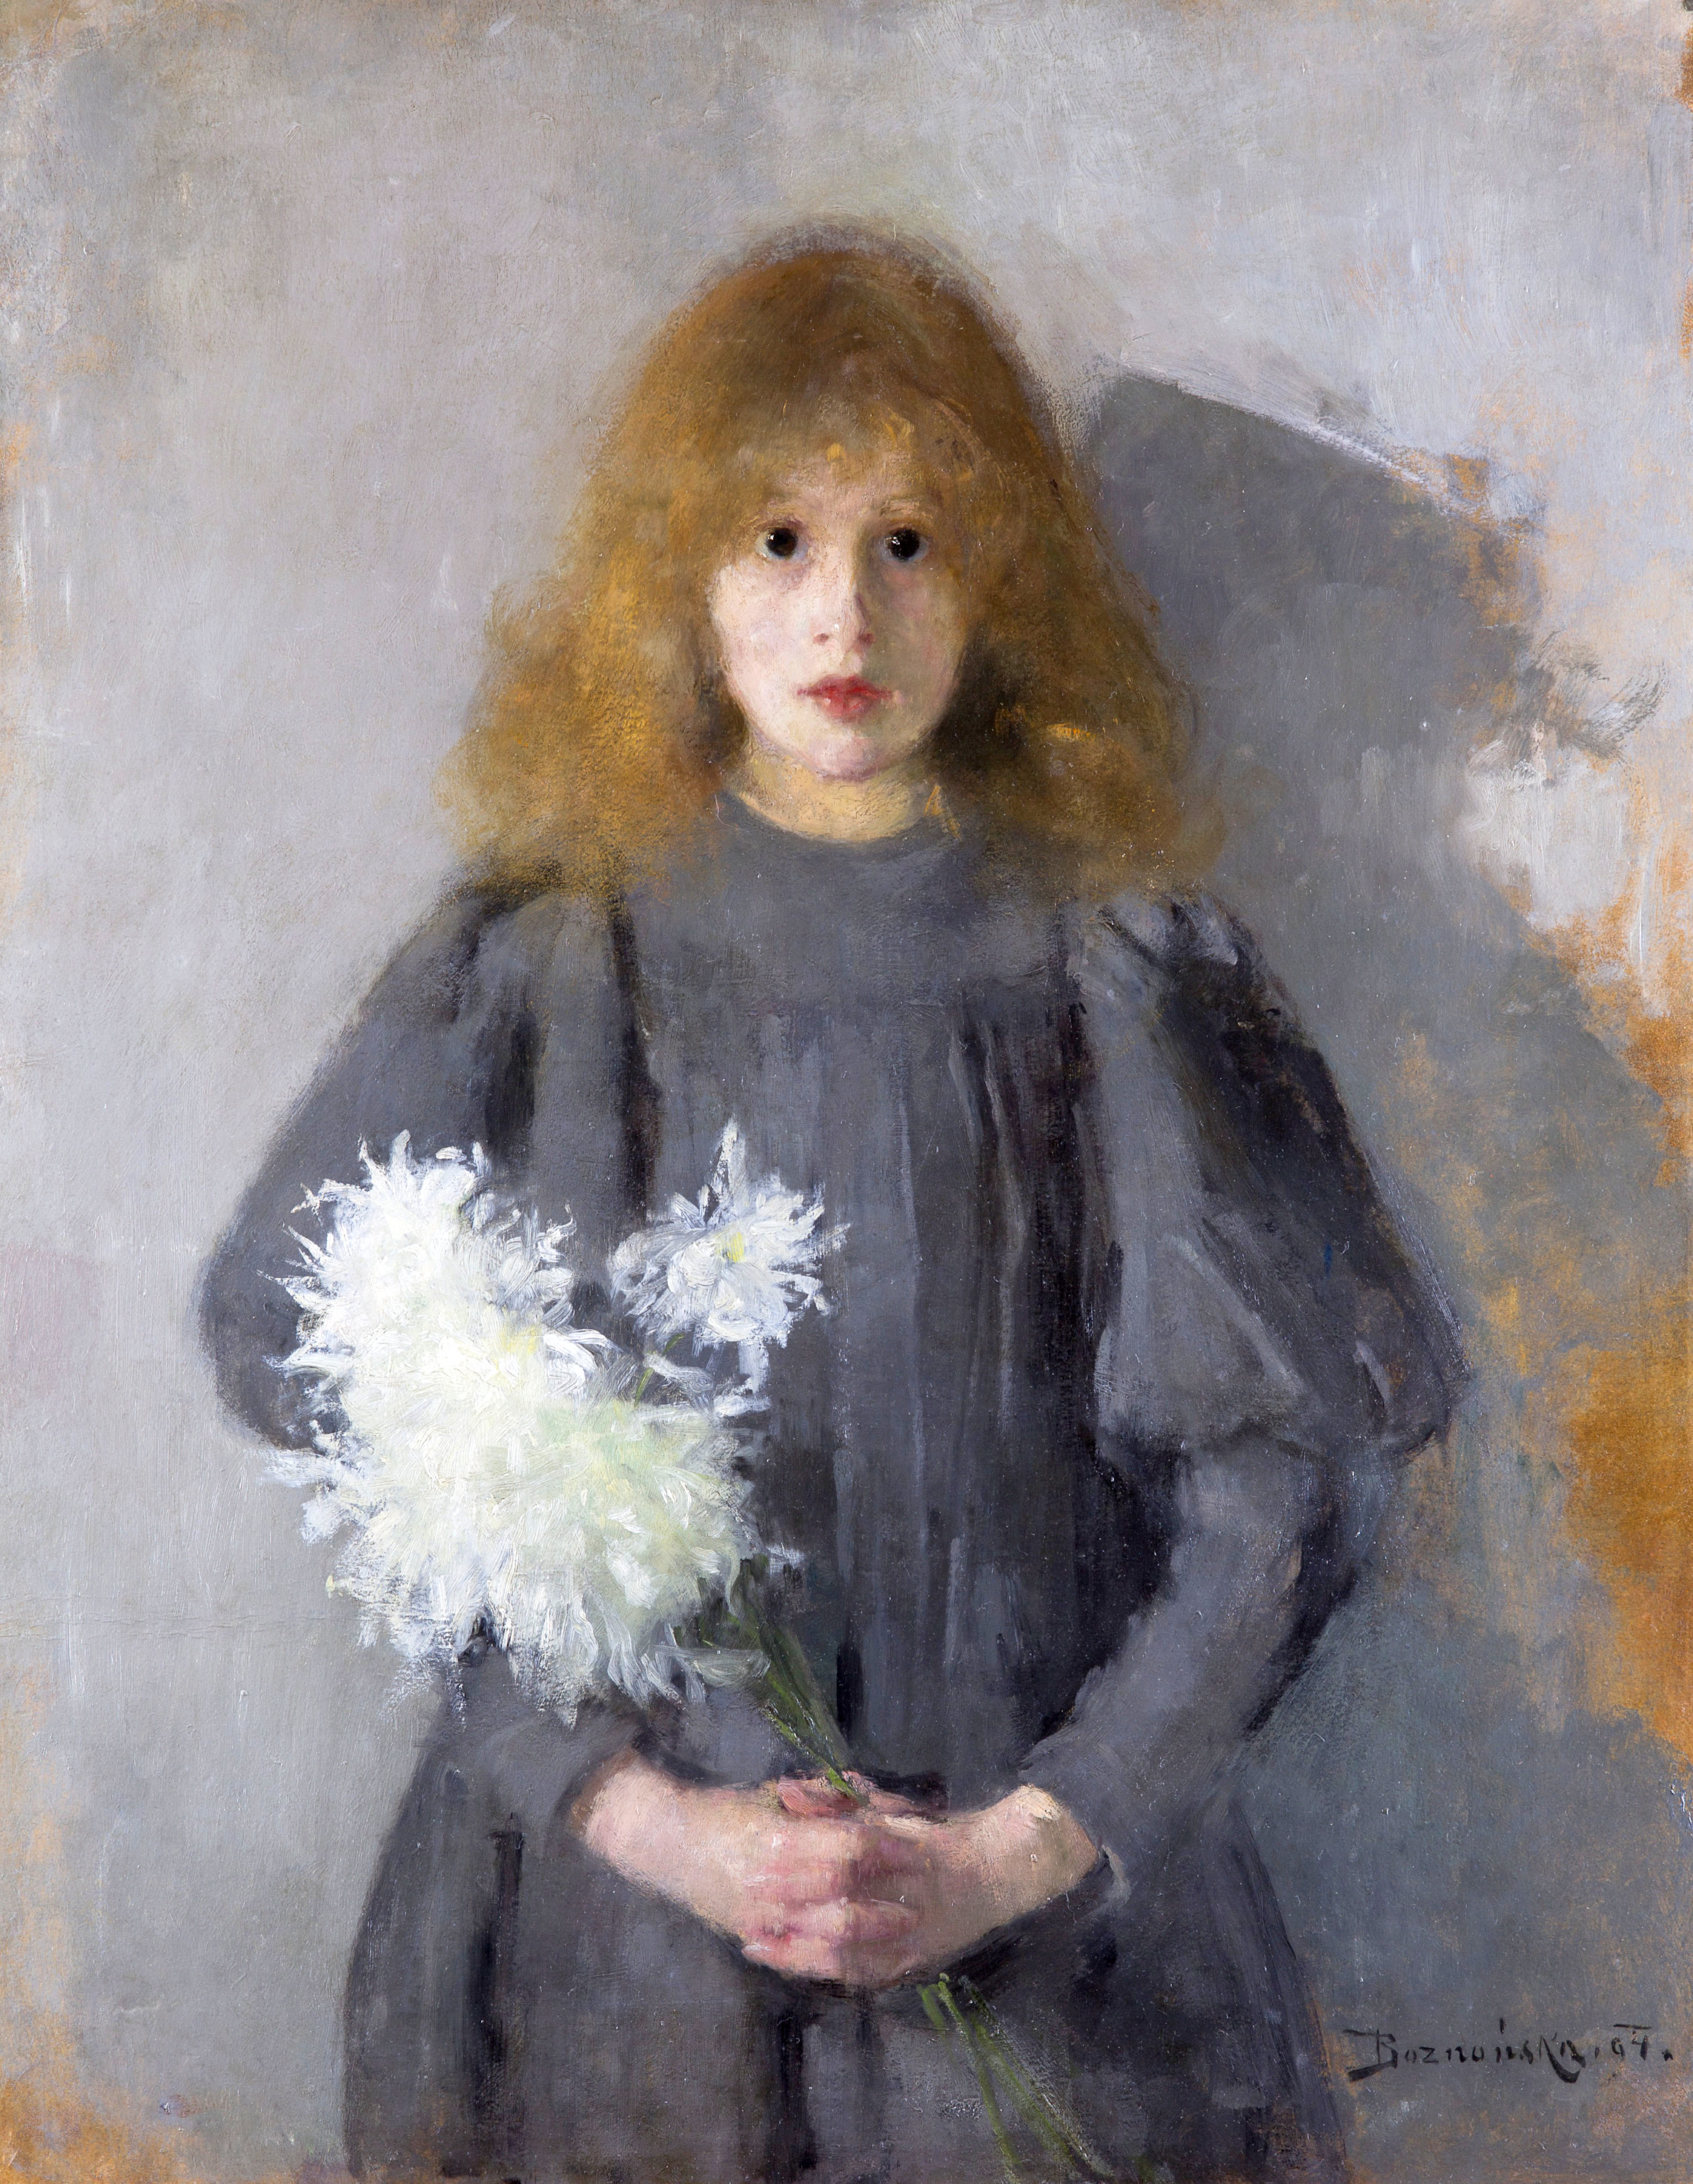 """Olga Boznańska (1865-1940) """"Dziewczynka z chryzantemami"""", 1894 rok, źródło: Muzeum Narodowe w Krakowie"""